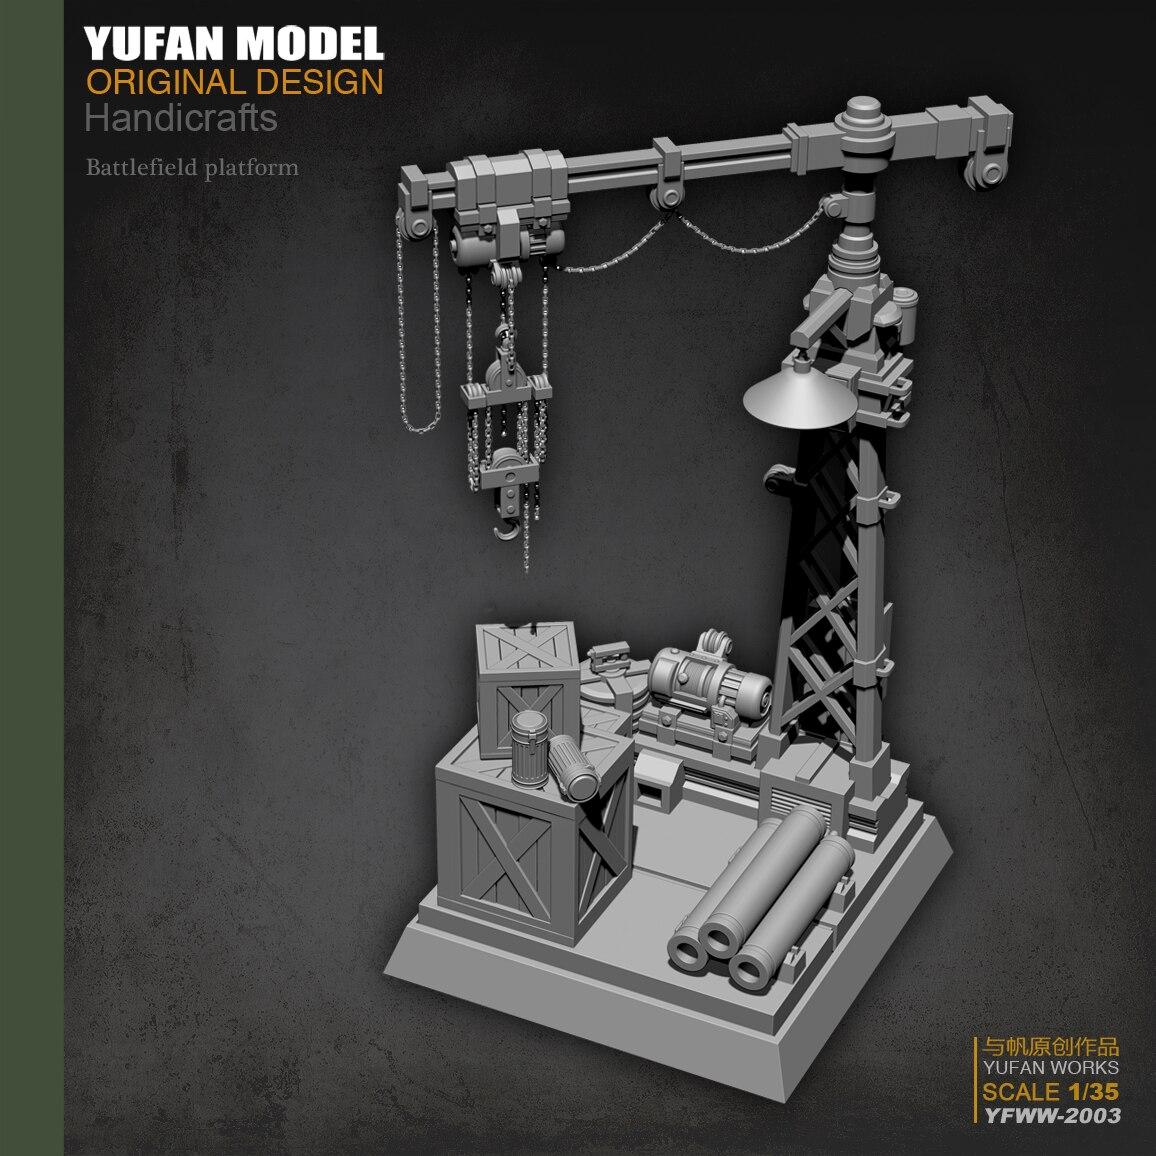 Yufan Model 1/35  Plant Platform Resin Model Yfww-2003